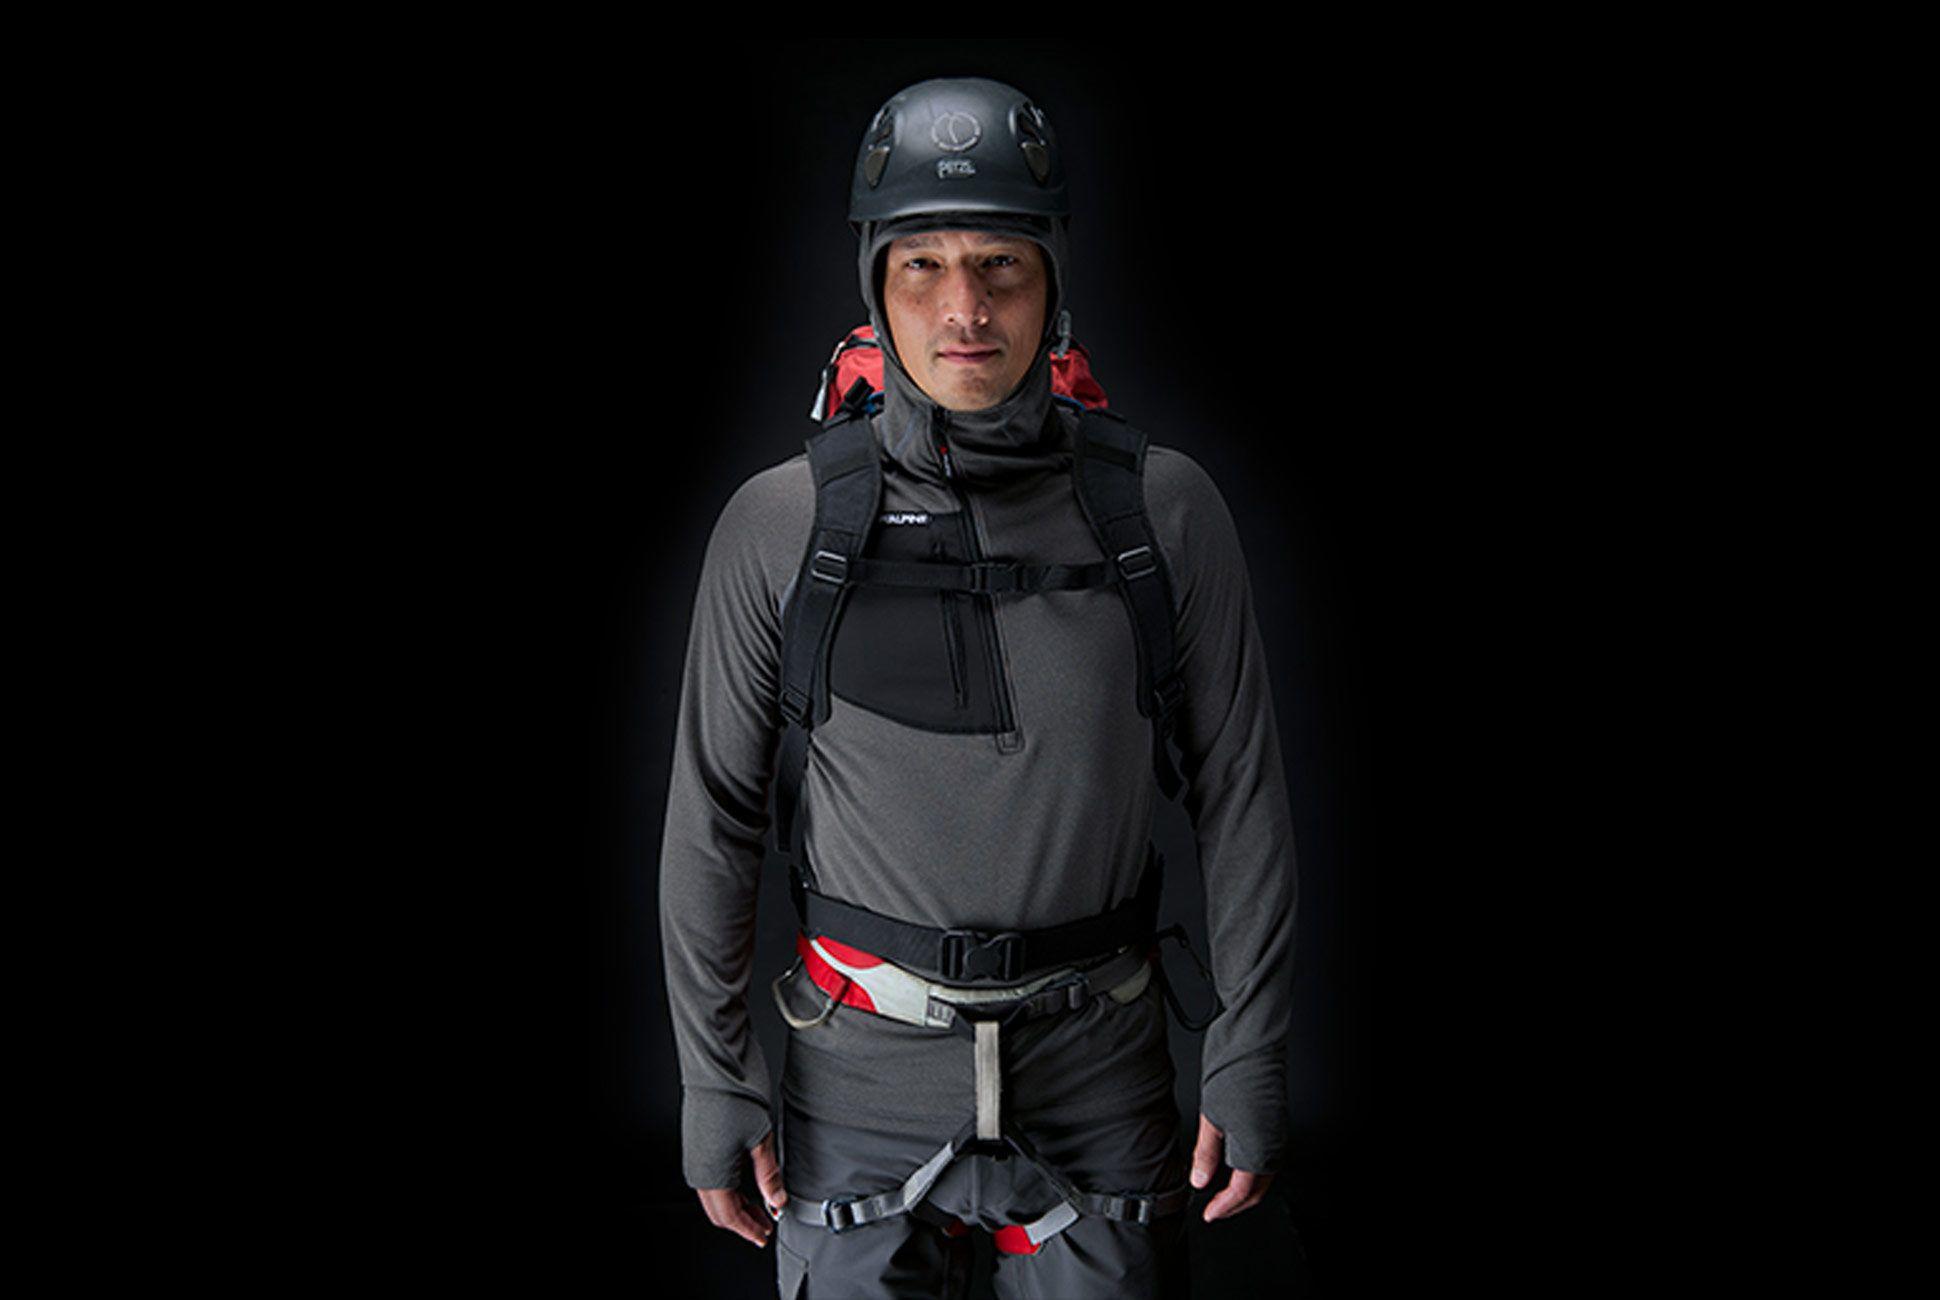 NW-Alpine-gear-patrol-5